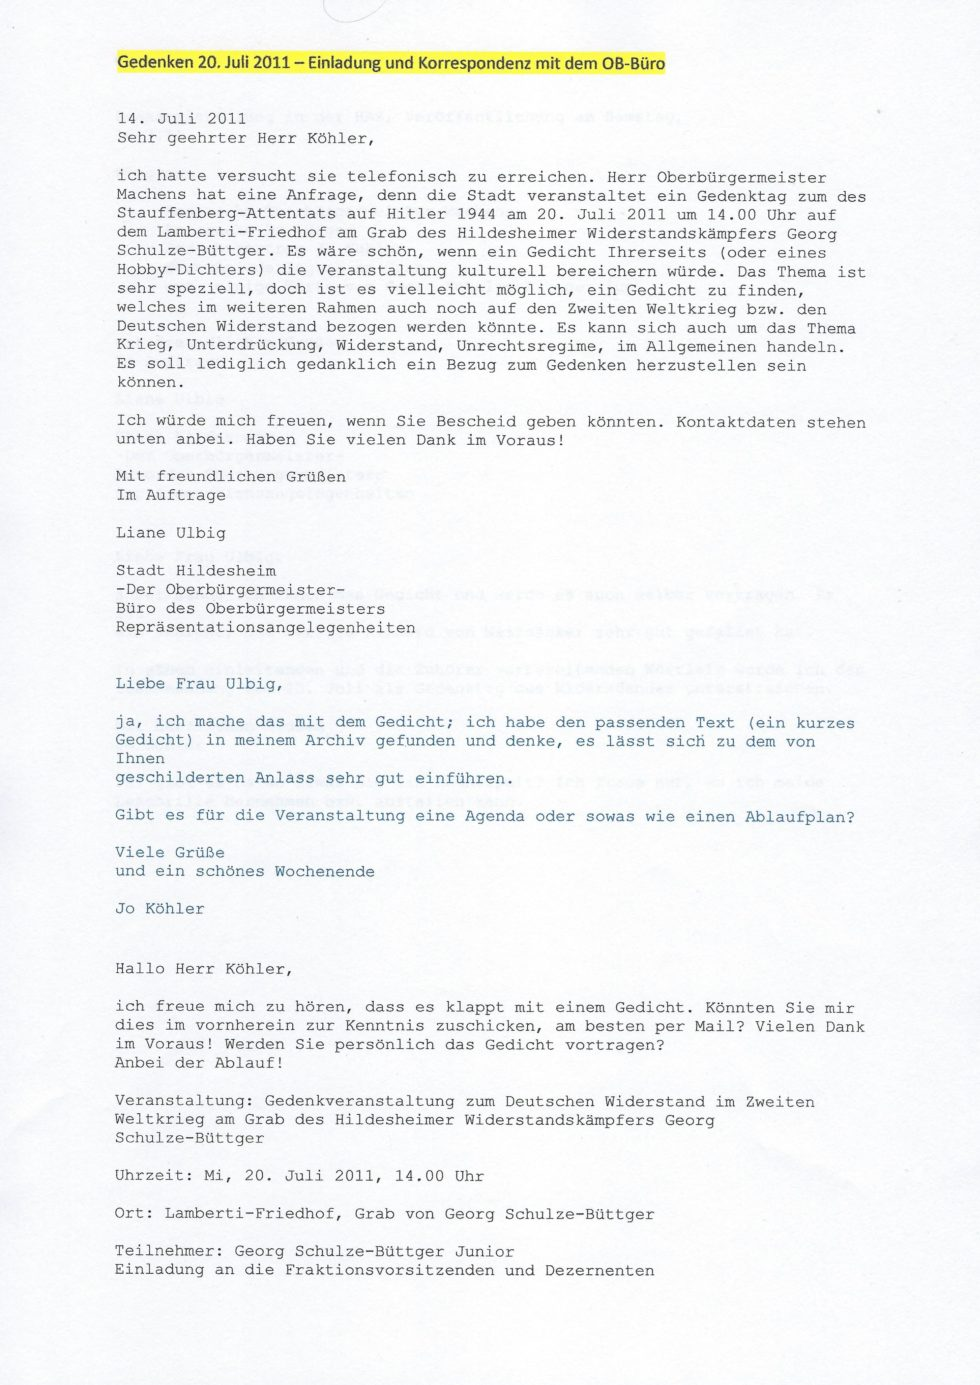 01 Einladung von OB Kurt Machens